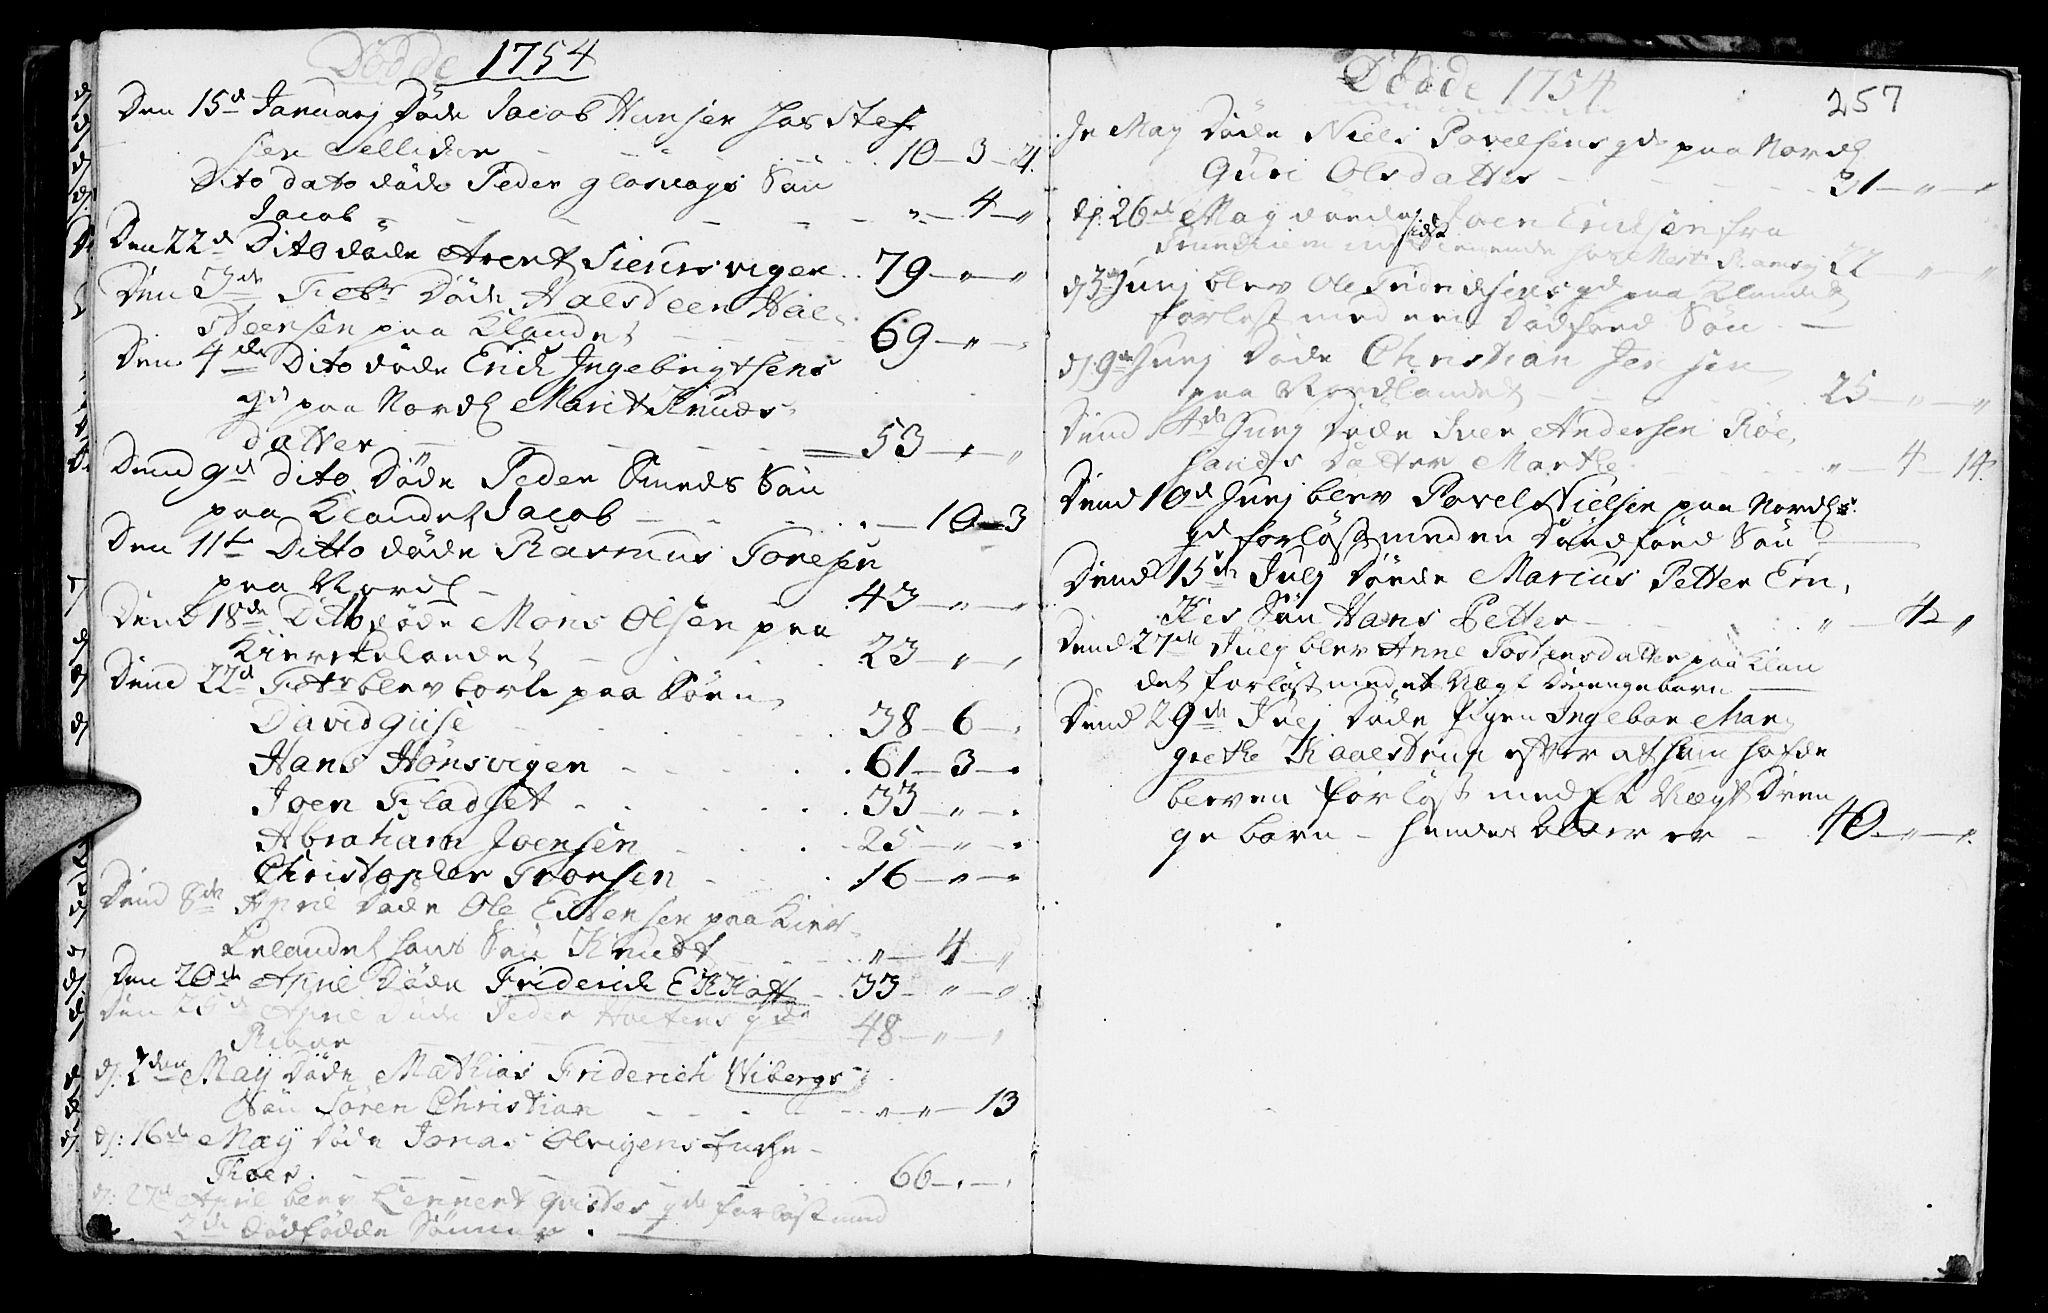 SAT, Ministerialprotokoller, klokkerbøker og fødselsregistre - Møre og Romsdal, 572/L0839: Parish register (official) no. 572A02, 1739-1754, p. 256-257